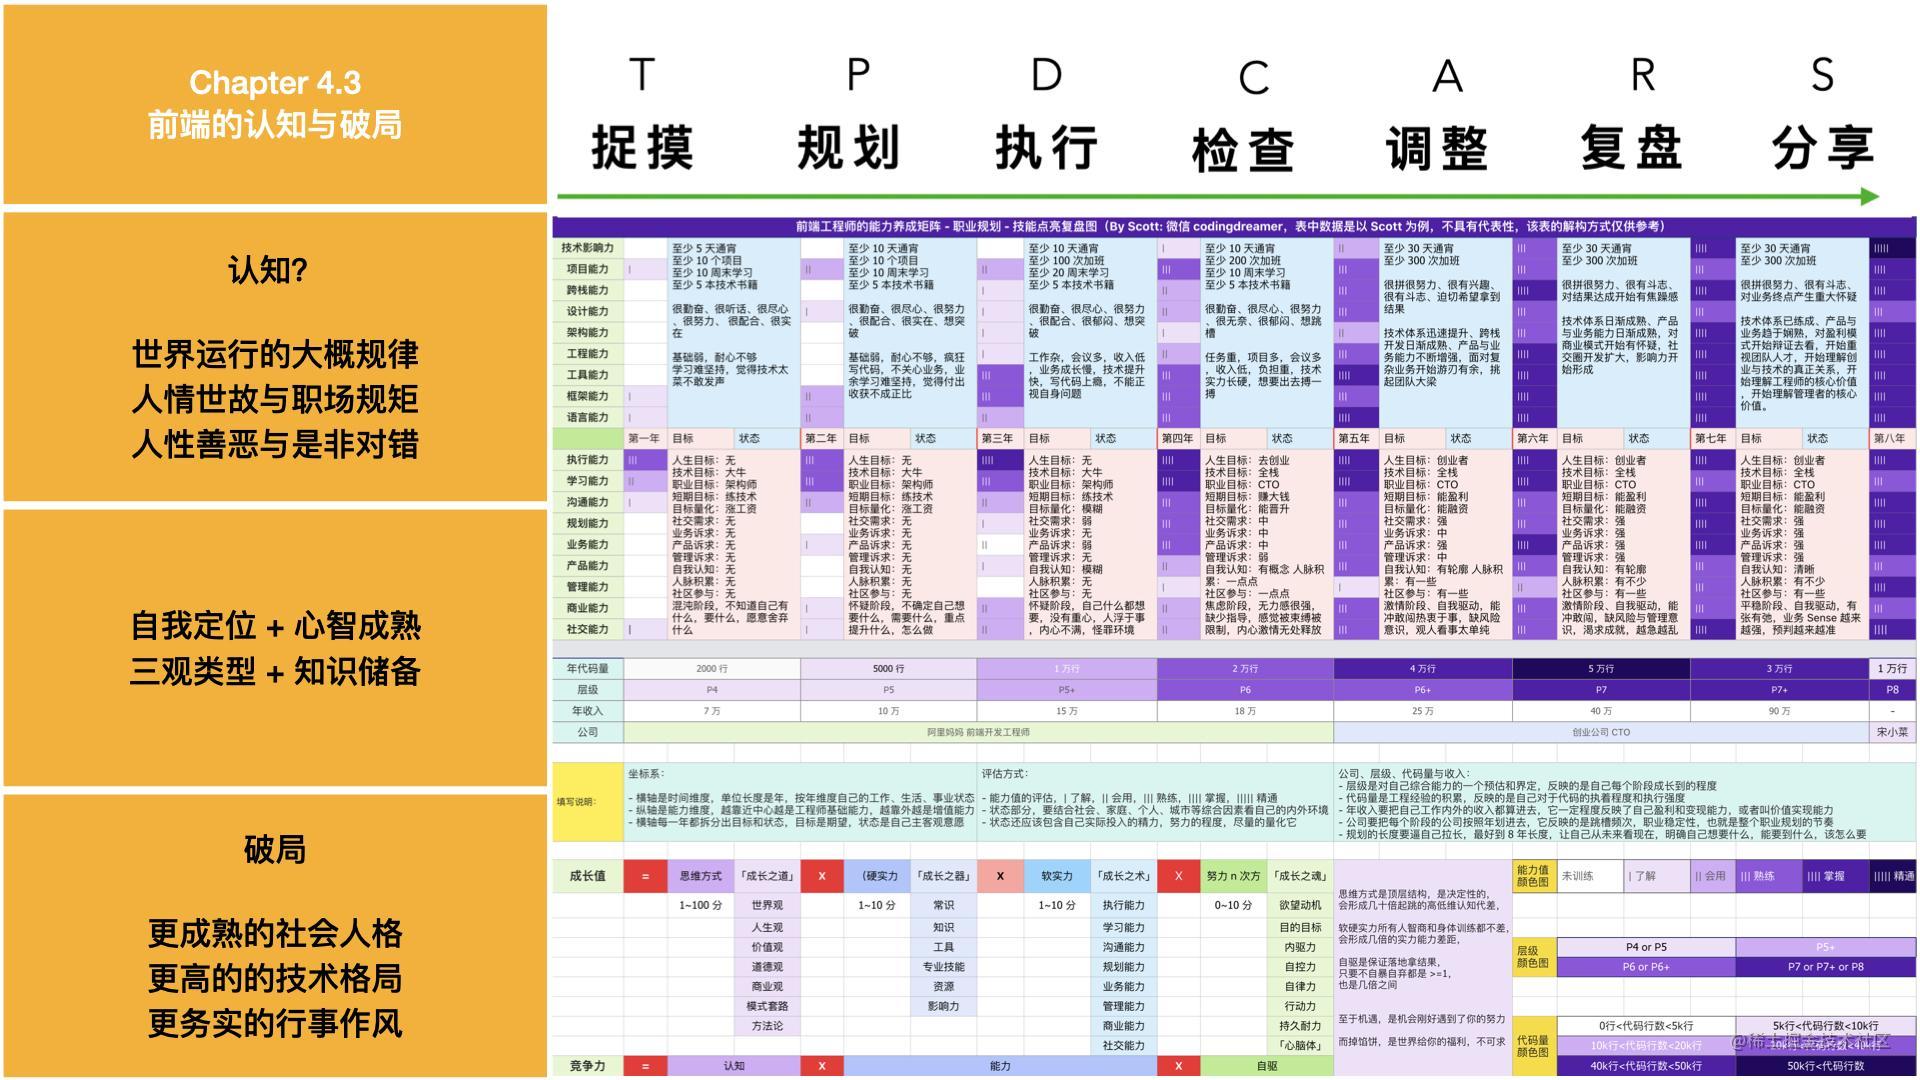 前端职业现状与破局- Scott -10-24.020.jpeg